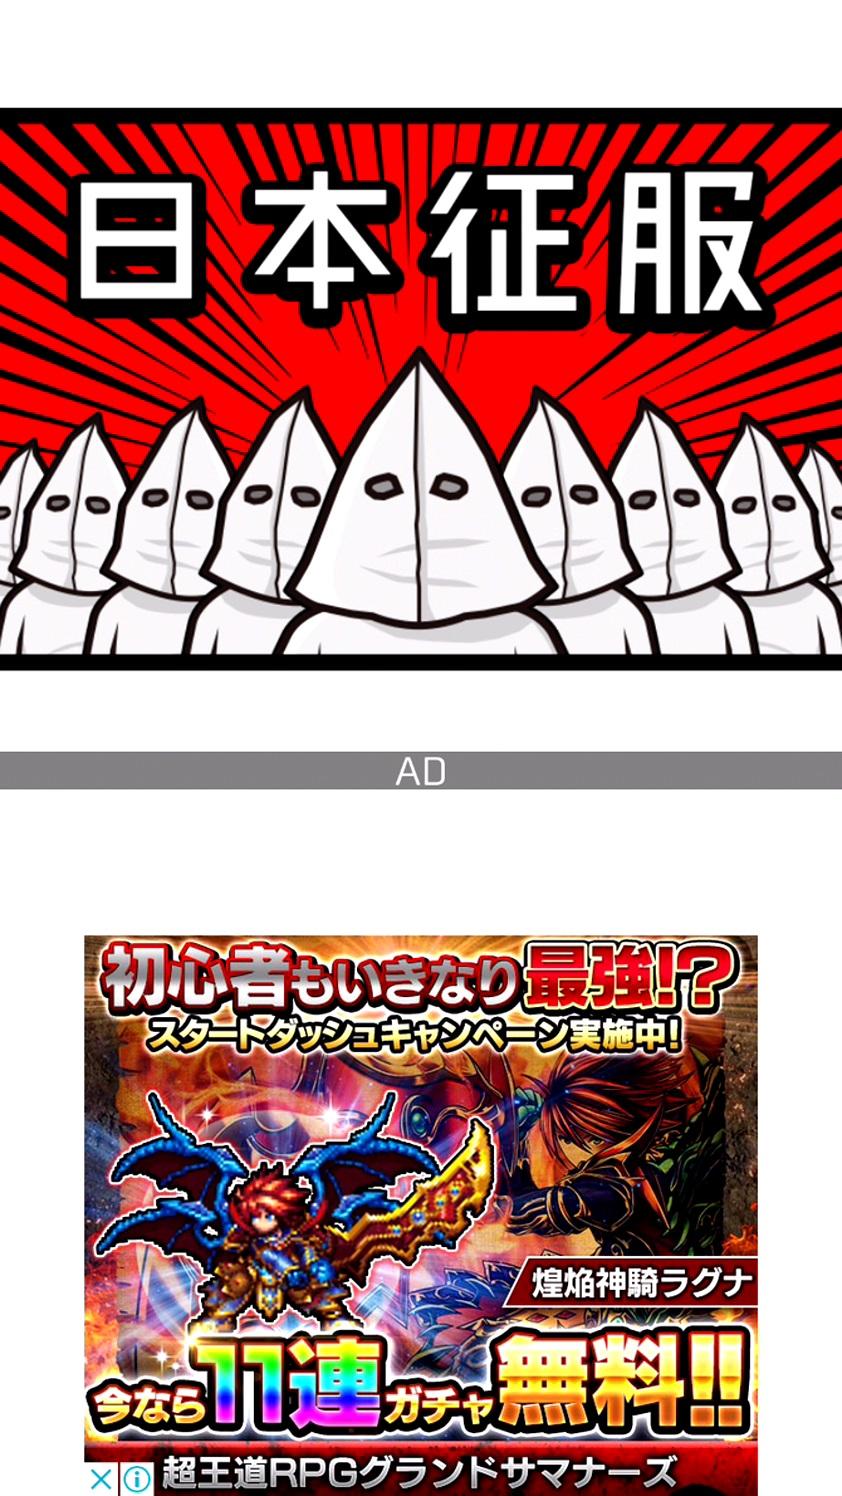 androidアプリ [日本のみなさんさようなら]~ゼロから始める魔王生活~攻略スクリーンショット5